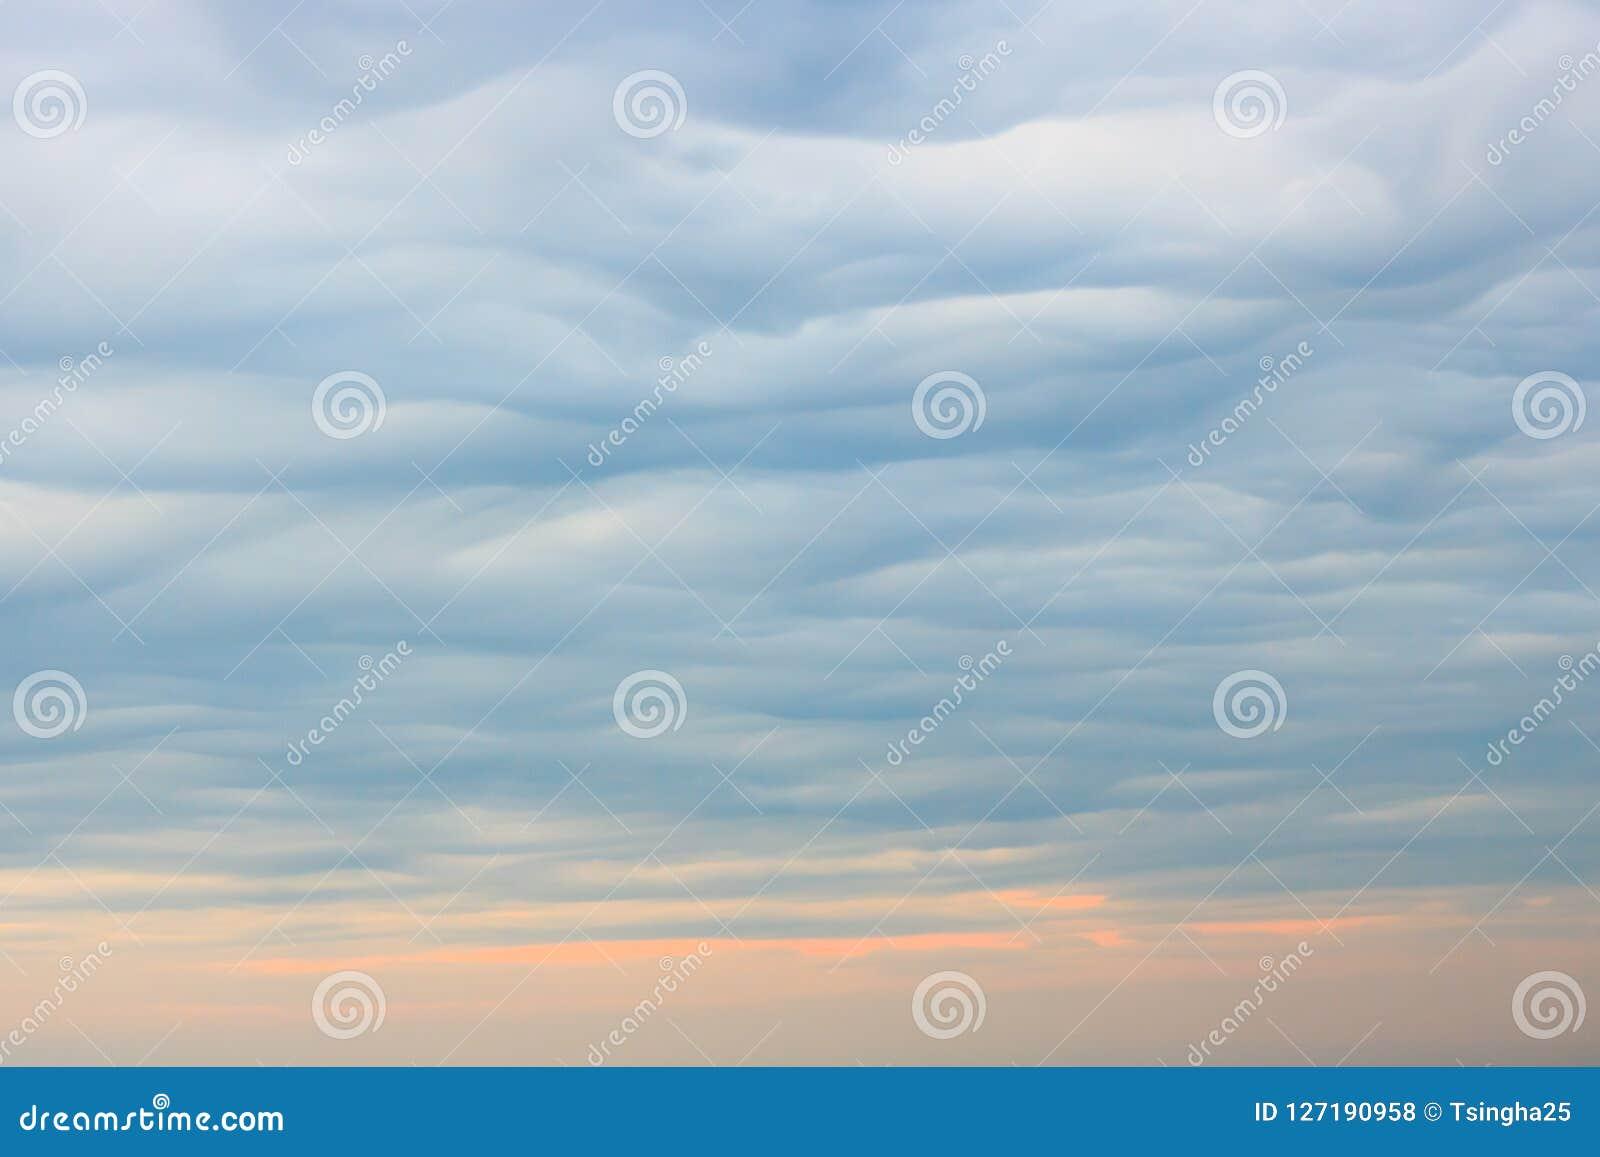 El extracto se nubla el fondo del cielo